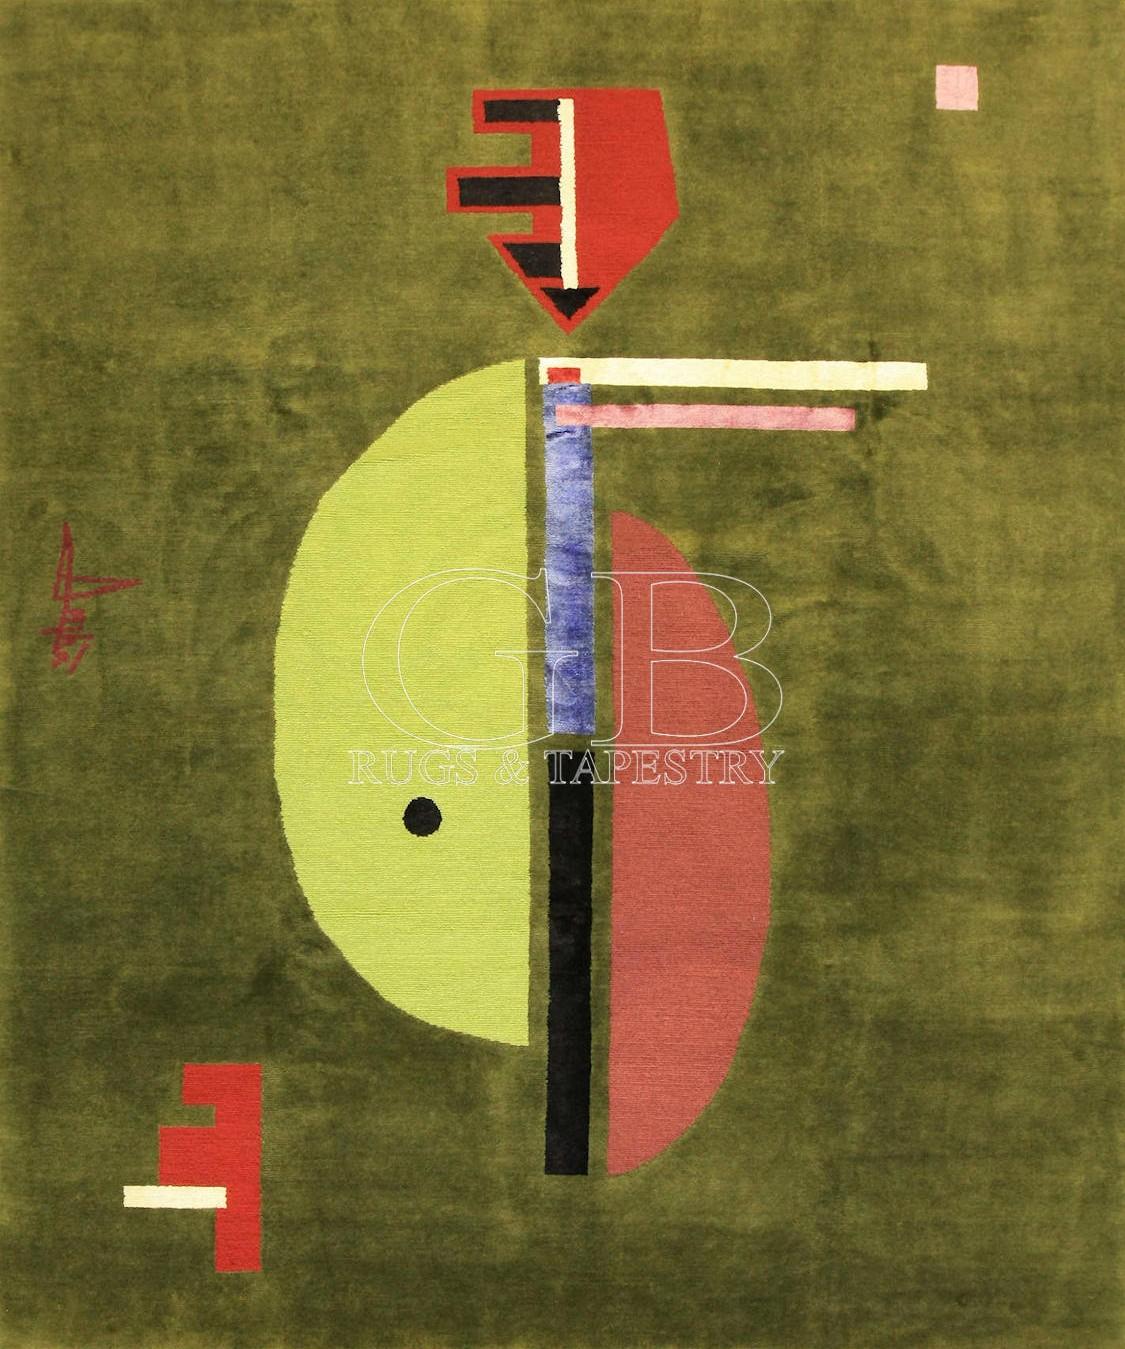 moderne teppiche zugeschnittene ART DESIGN COLLECTION 300 x 250 cod 140915045971